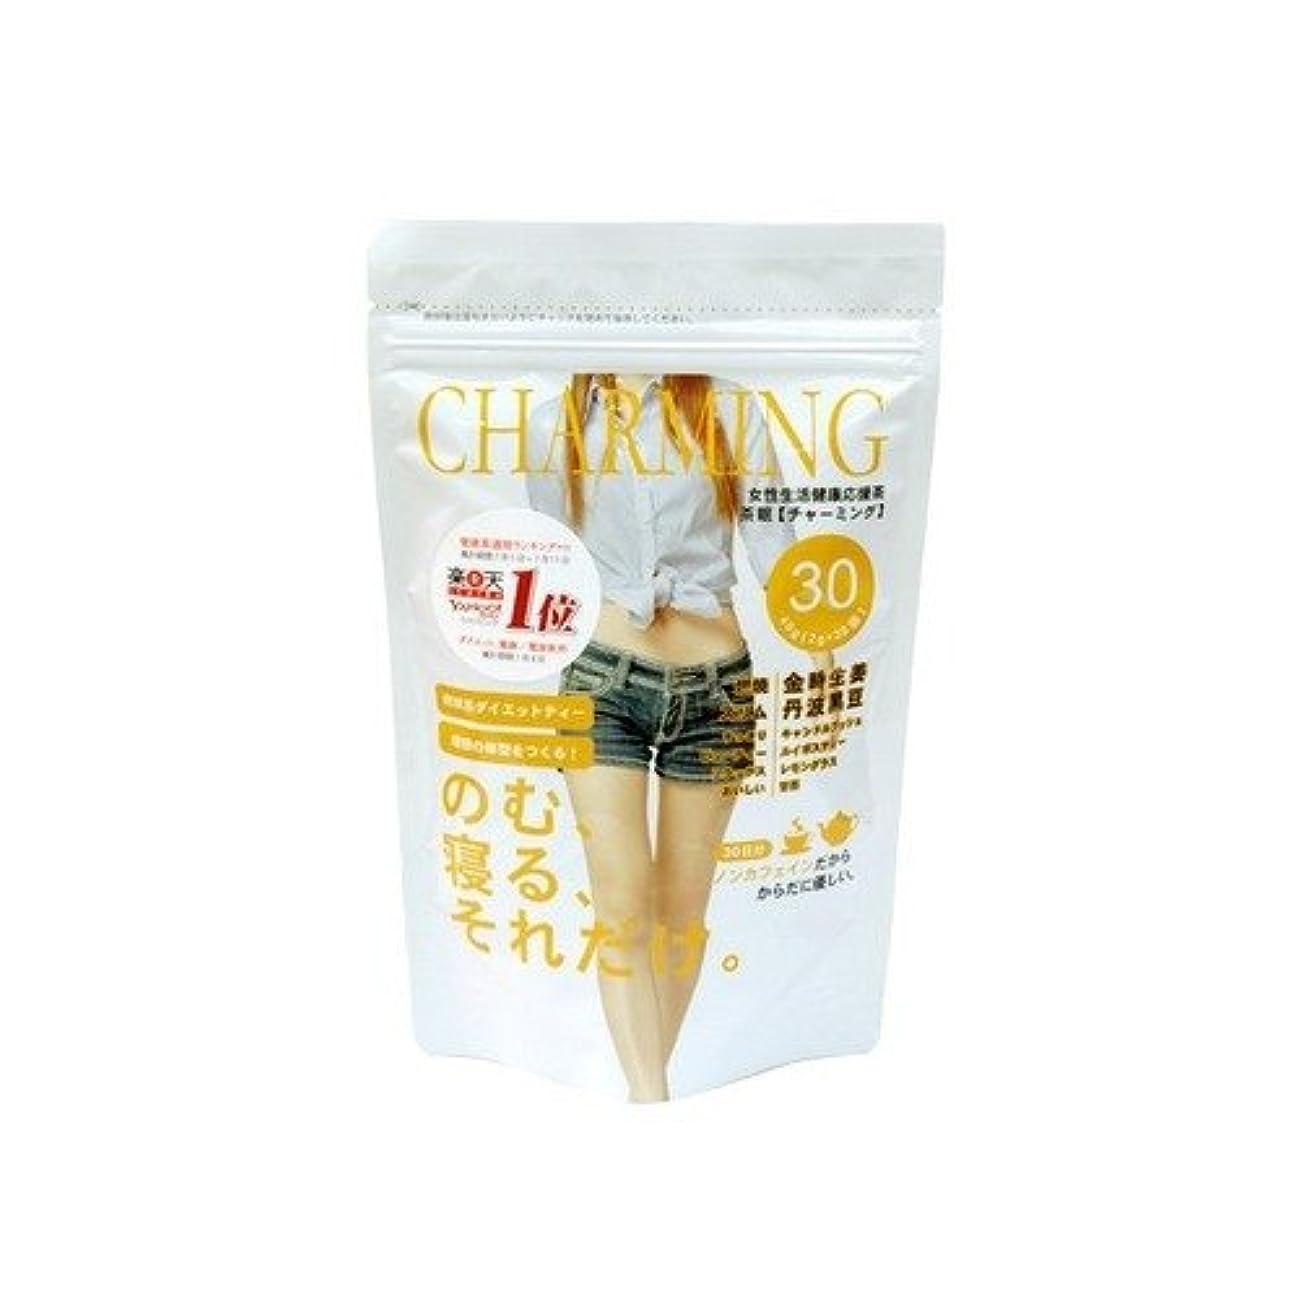 構築する結婚した方向★ 茶眠(チャーミング) 30包 CHARMING